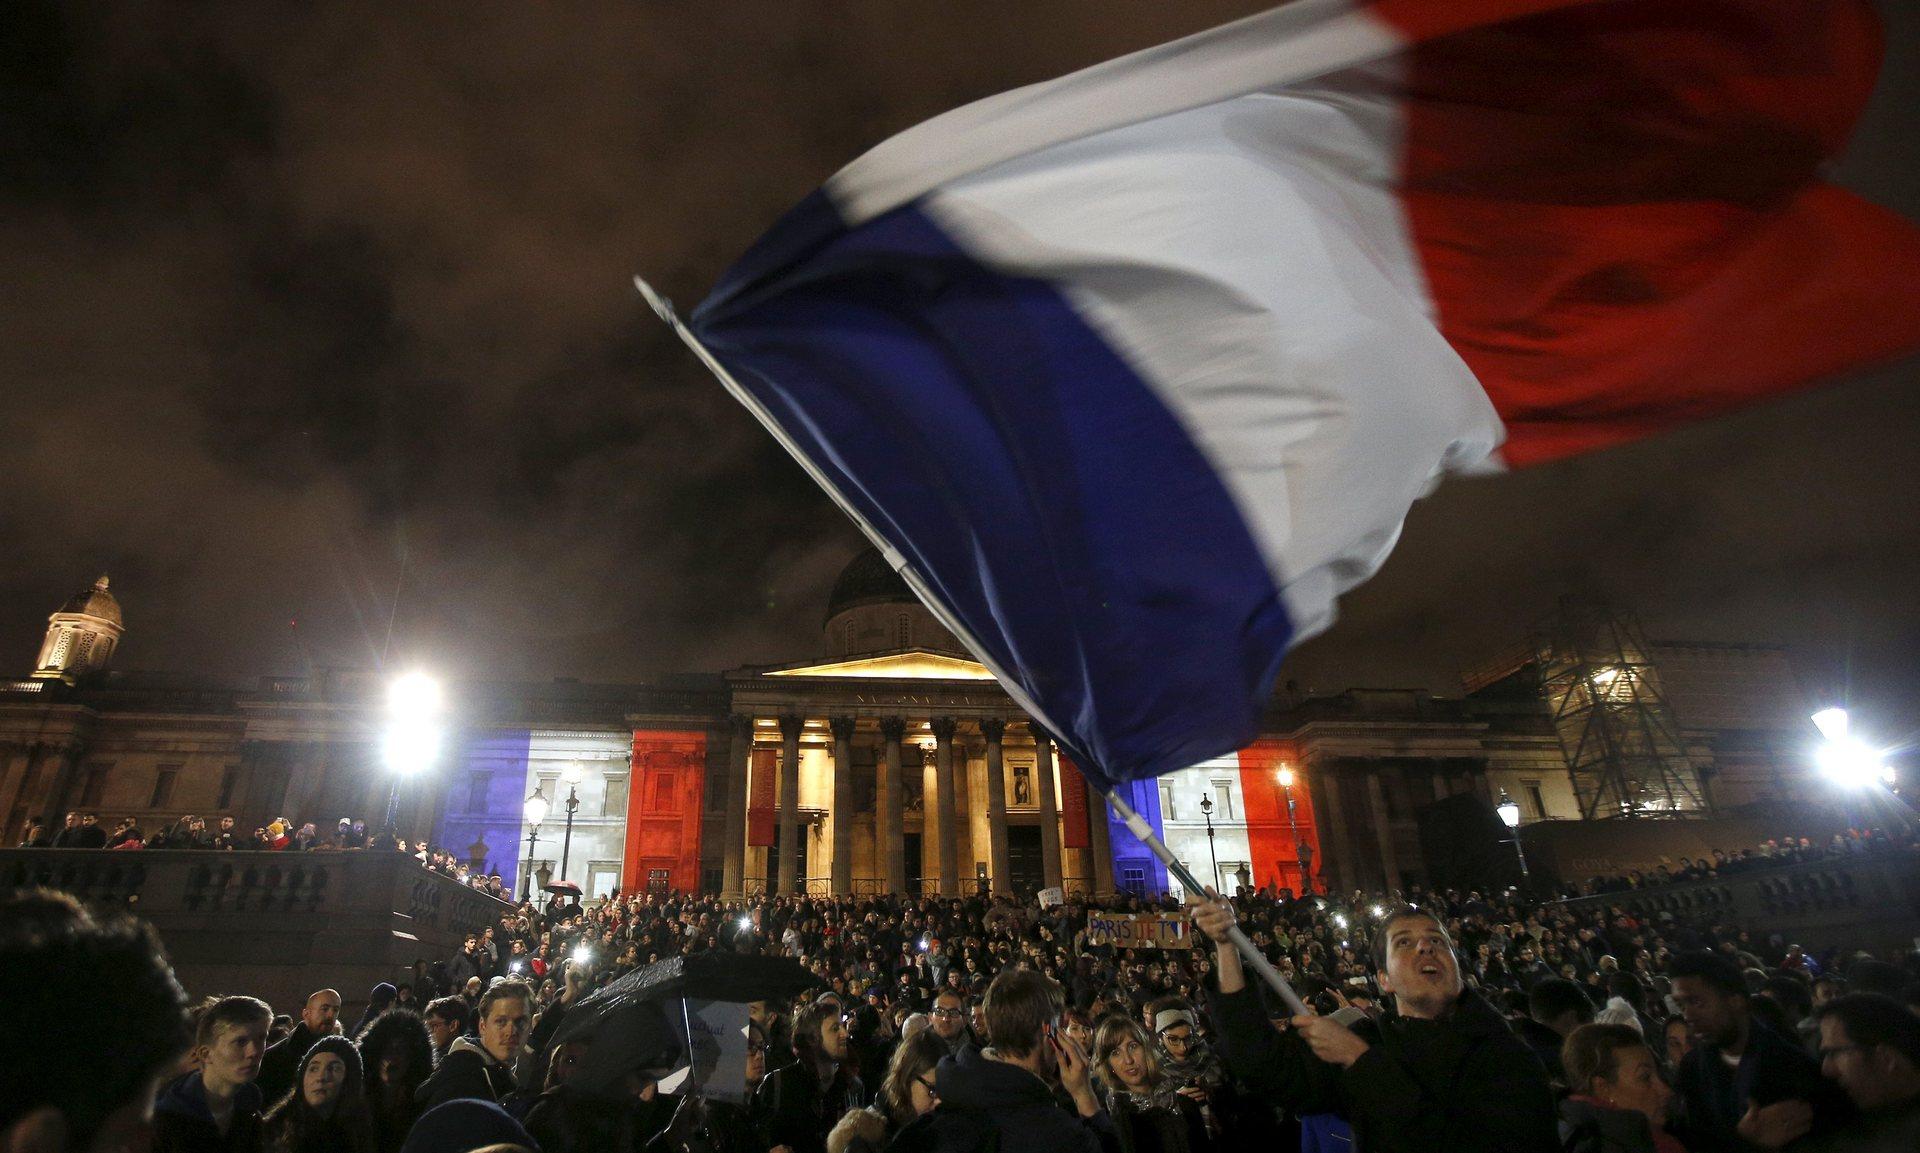 گاردین: چرا فرانسه هدف اصلی حملات مکرر تروریستی داعش است؟